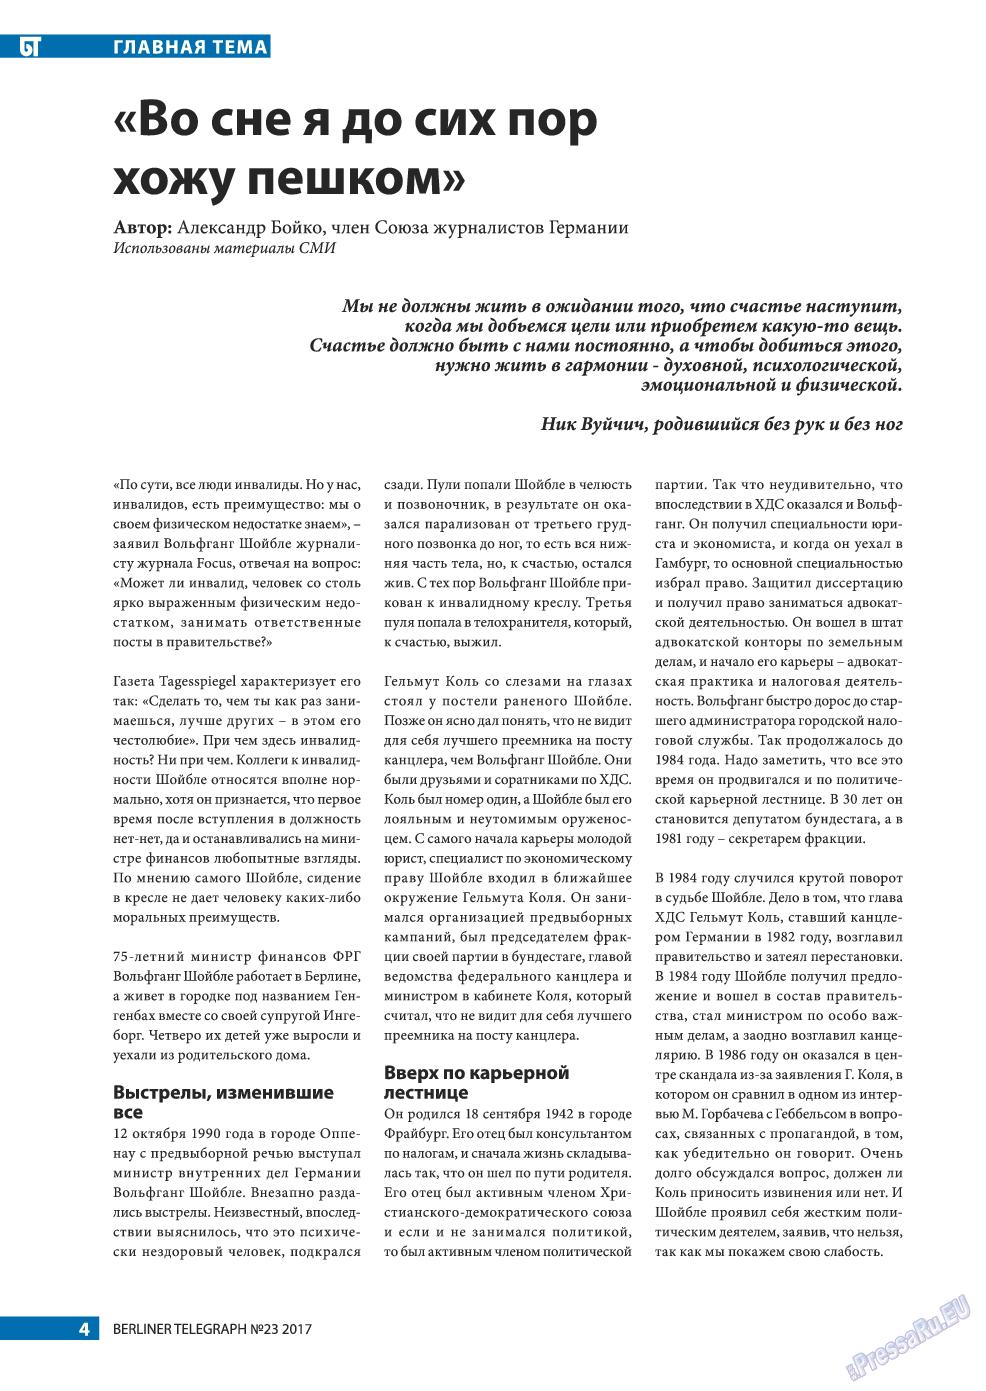 Берлинский телеграф (журнал). 2017 год, номер 23, стр. 4